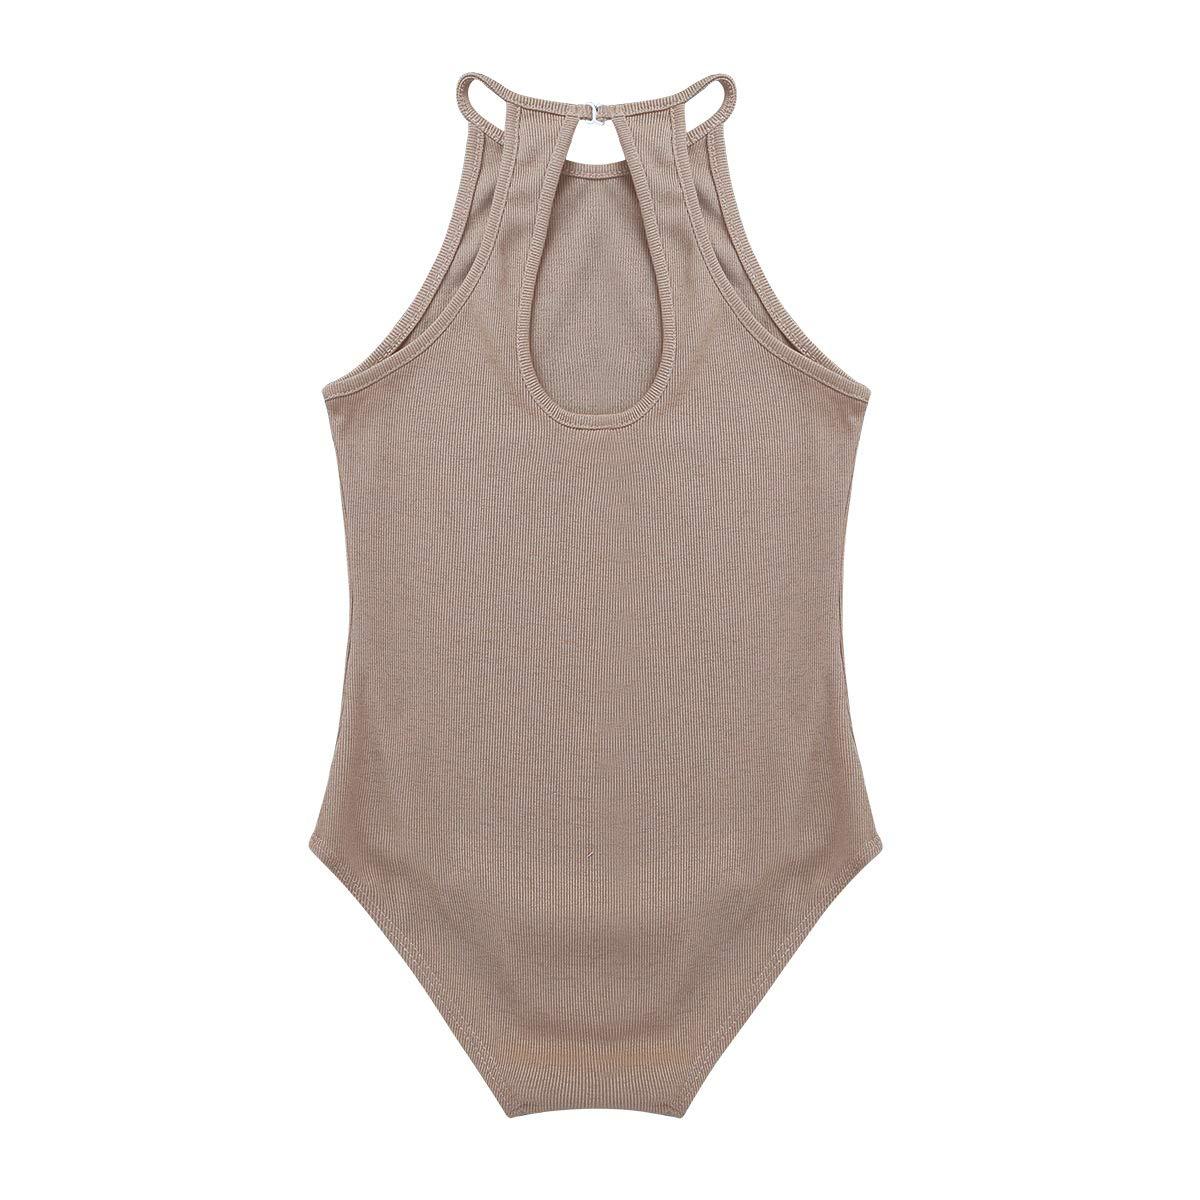 iiniim Bébé Enfant Fille Justaucorps de Danse Ballet Latine Gymnastique Gym  Patinage Leotard Collants Danse Bodysuit Danse Vêtements de Danse Body de  Sport ... fdcbf36da2d